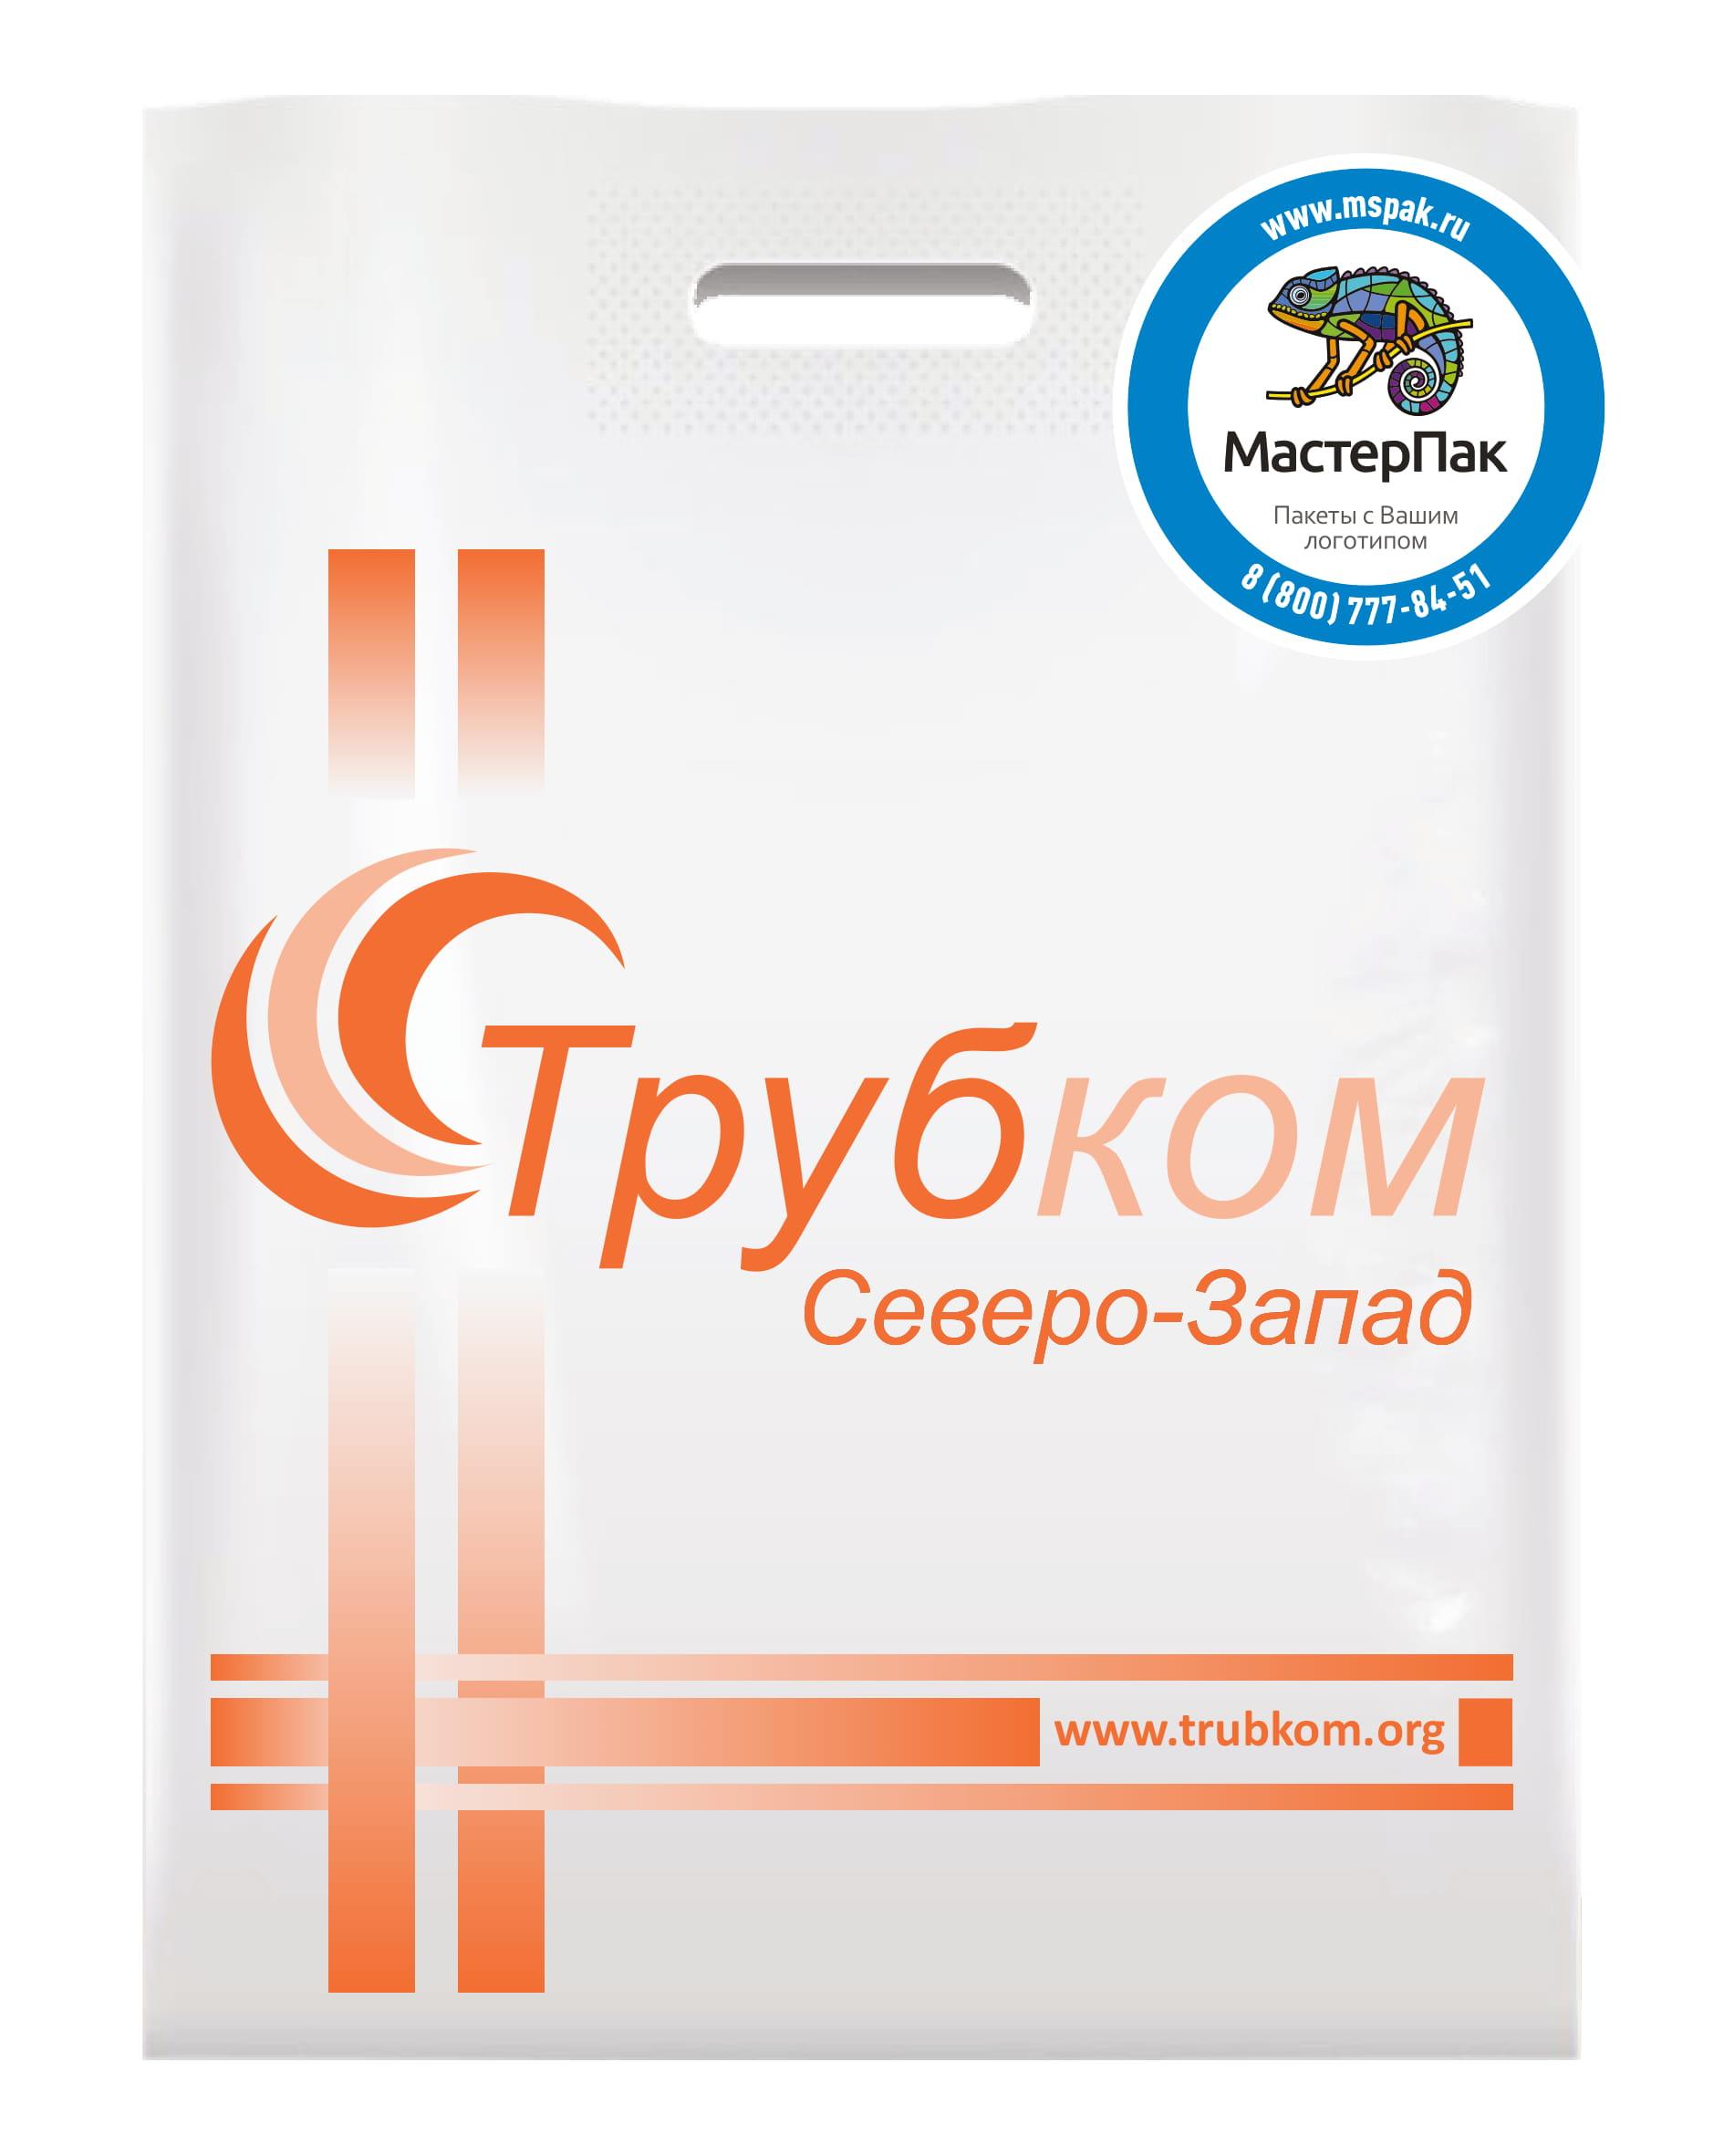 Пакет ПВД с логотипом Трубком, вырубная ручка, 70 мкм, Санкт-Петербург